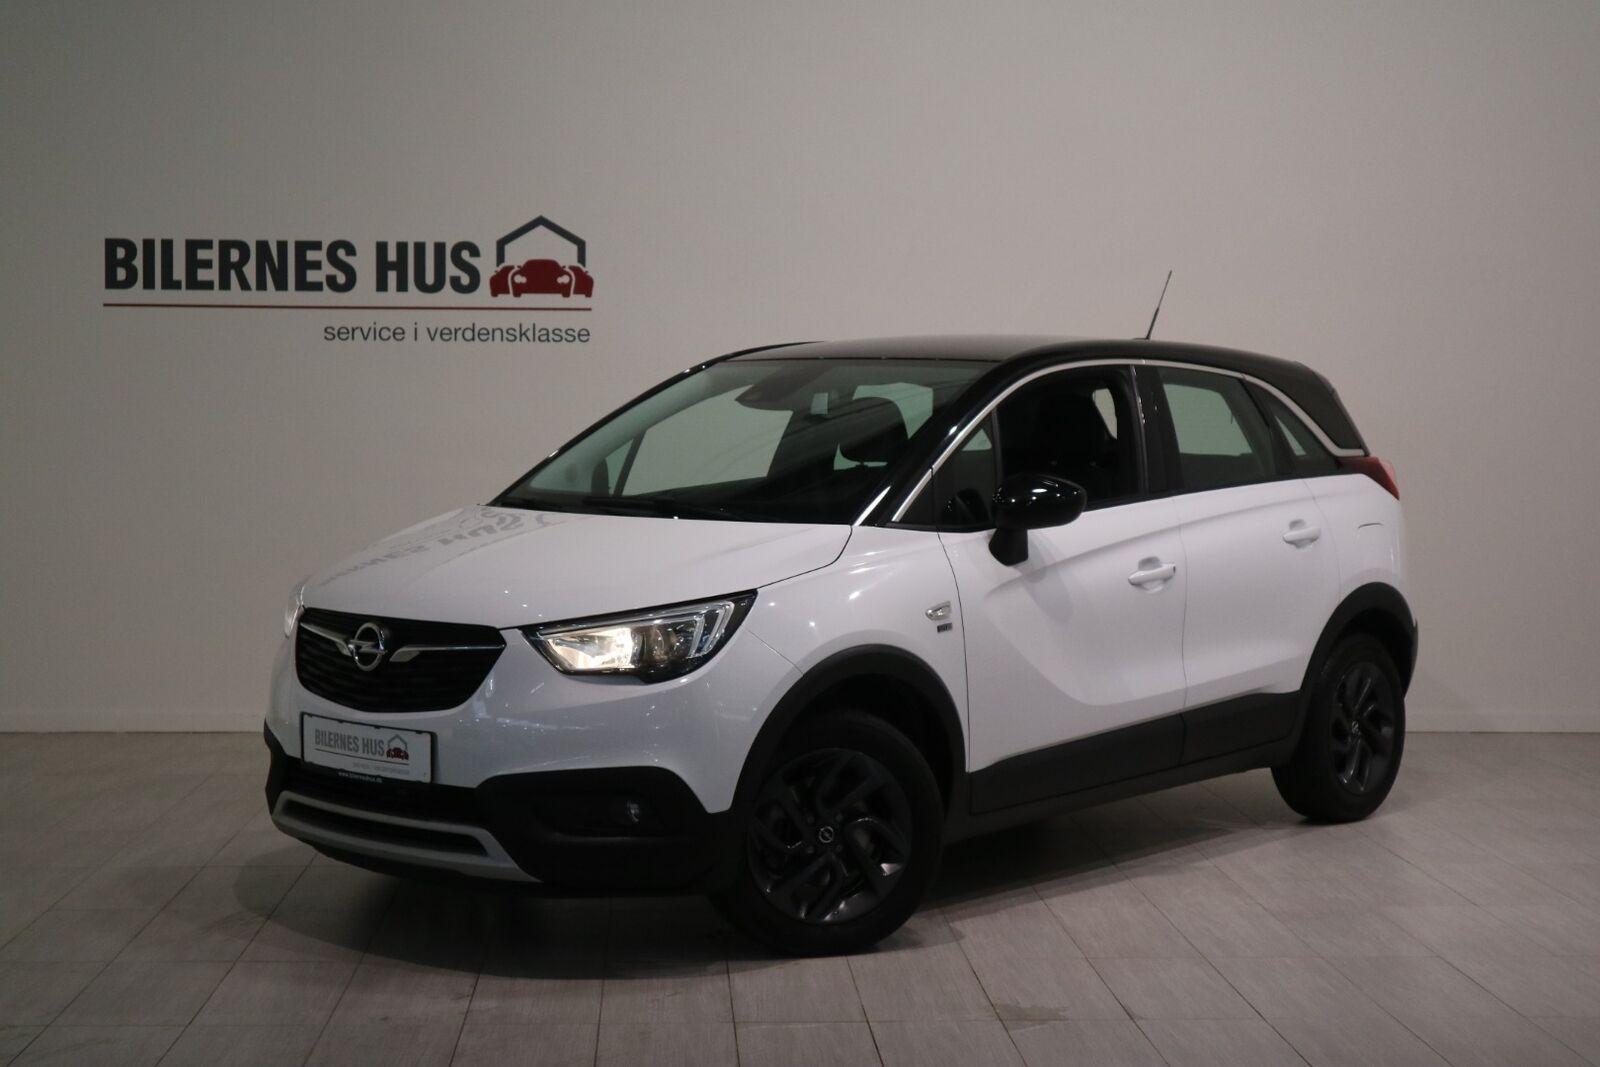 Opel Crossland X Billede 2